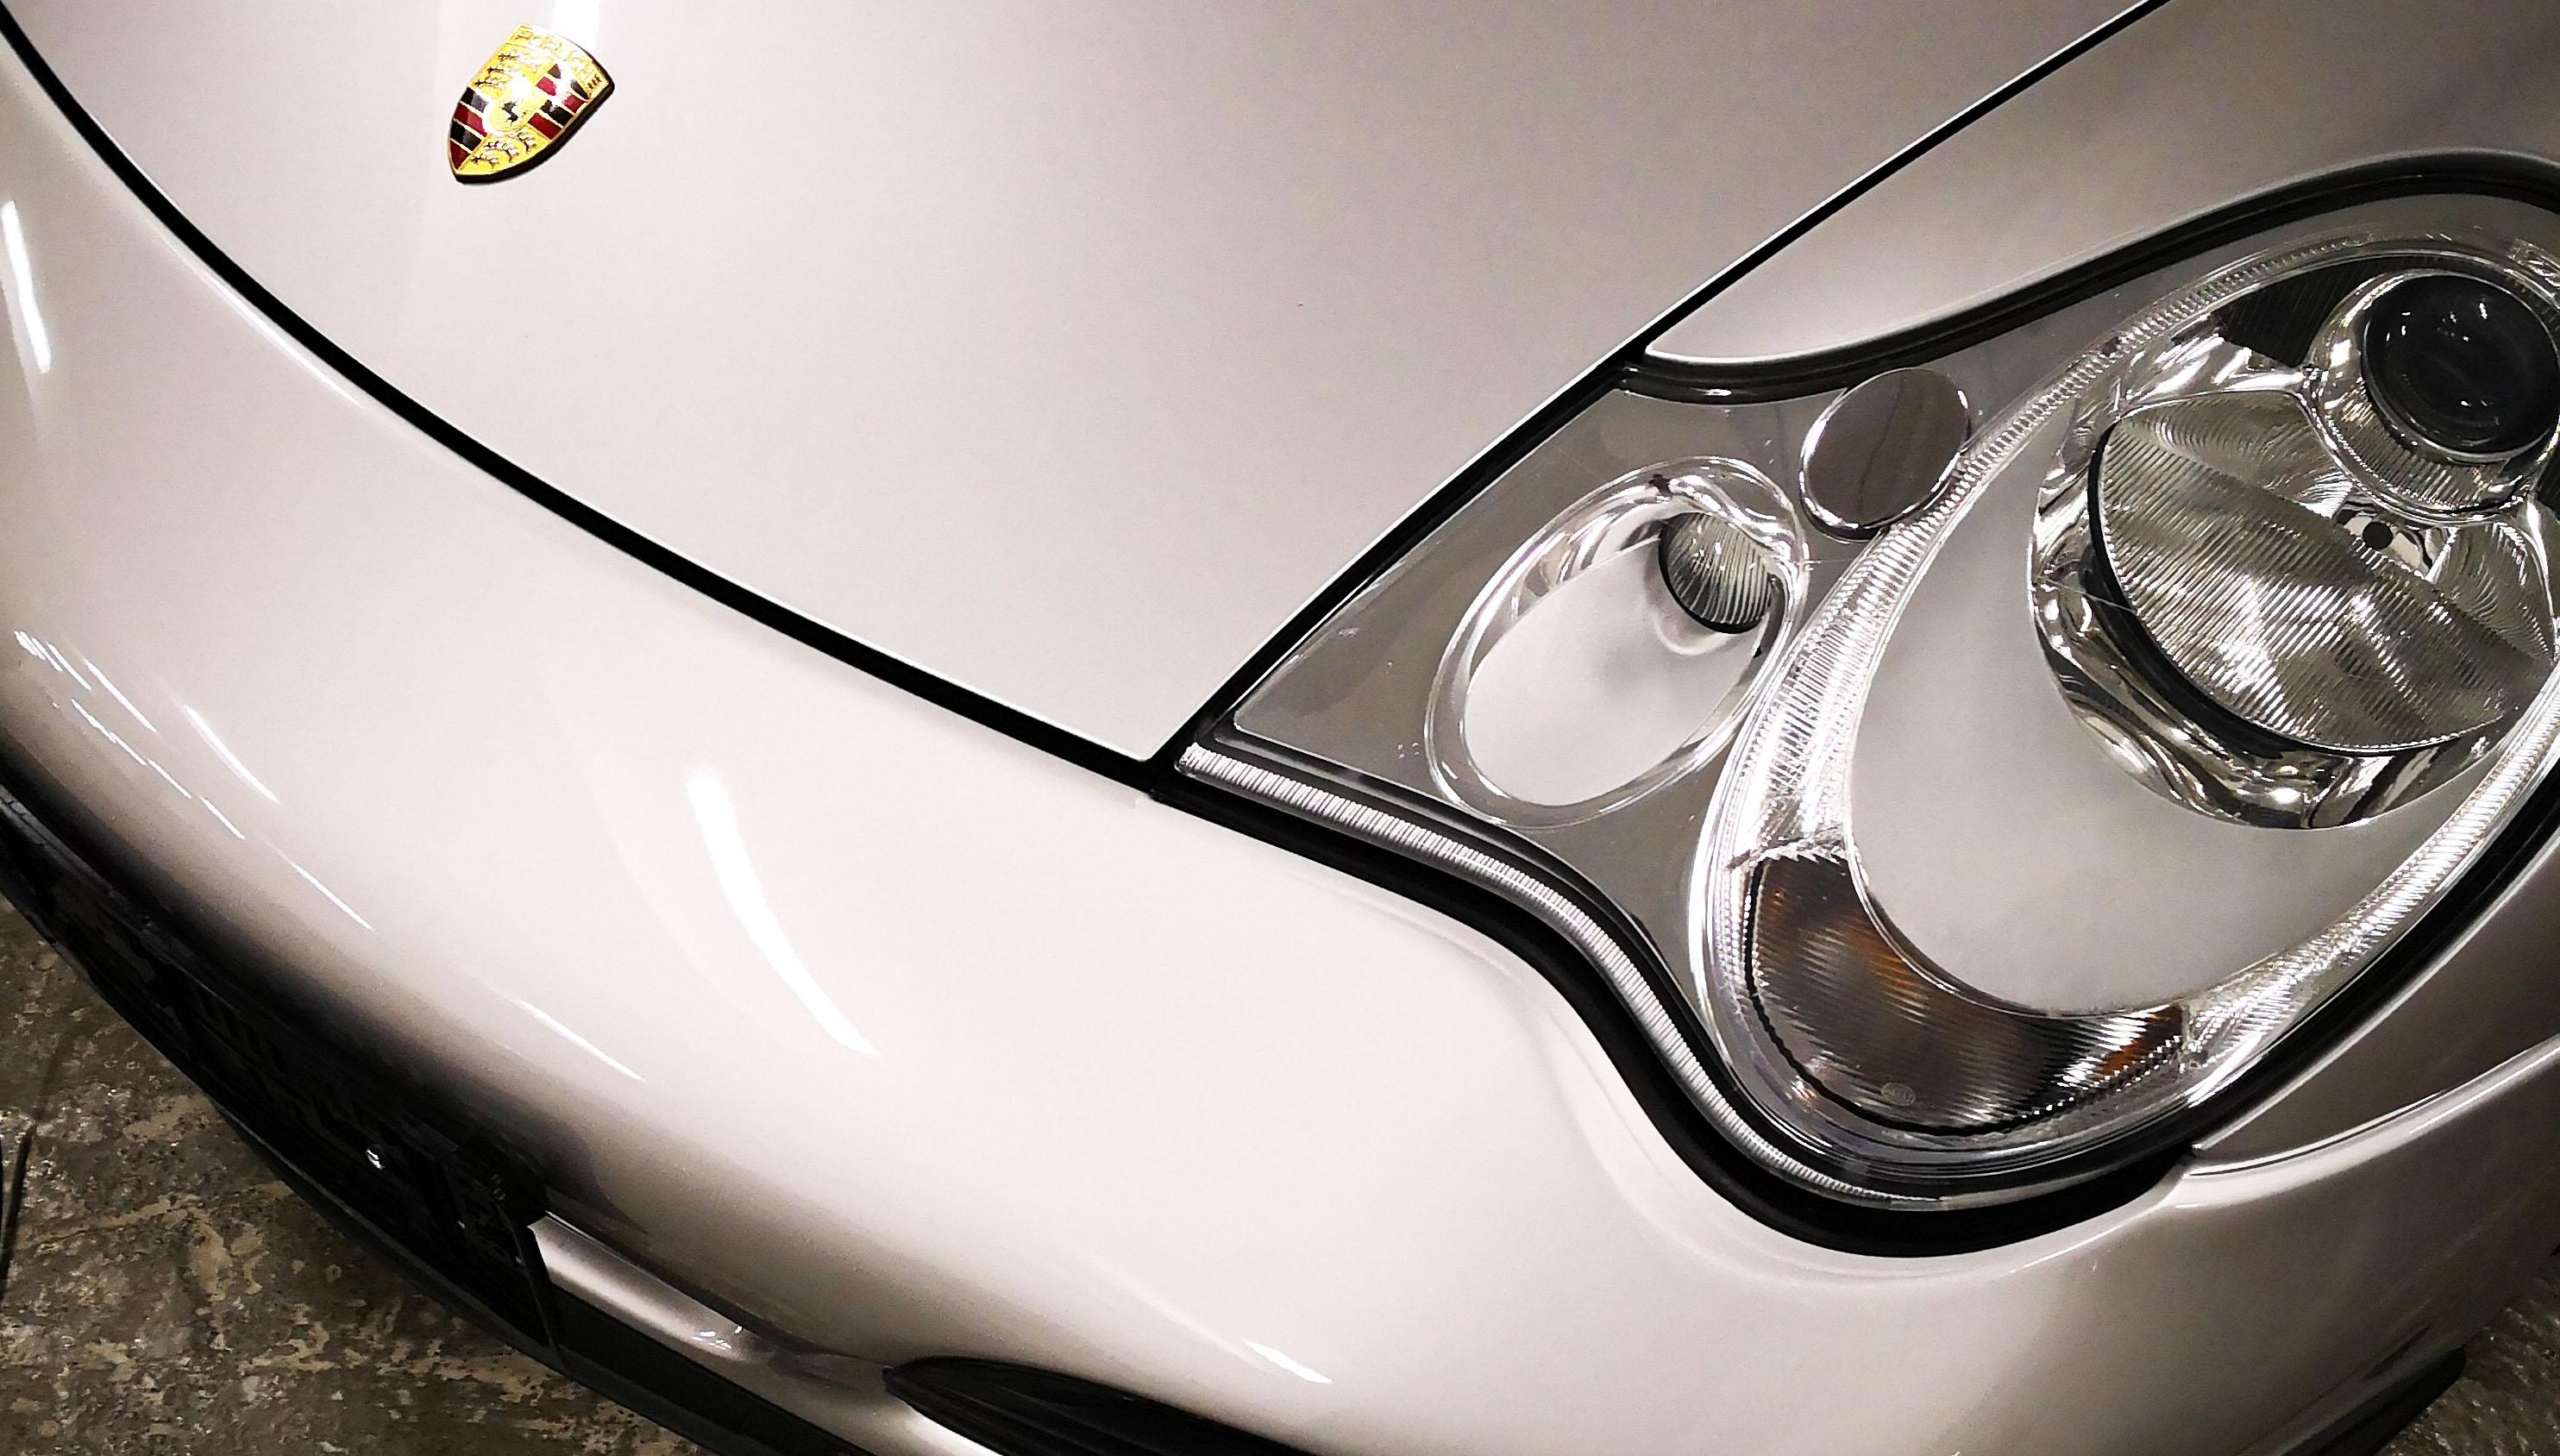 richters garage porsche 996 turbo 39 en g res klar til. Black Bedroom Furniture Sets. Home Design Ideas